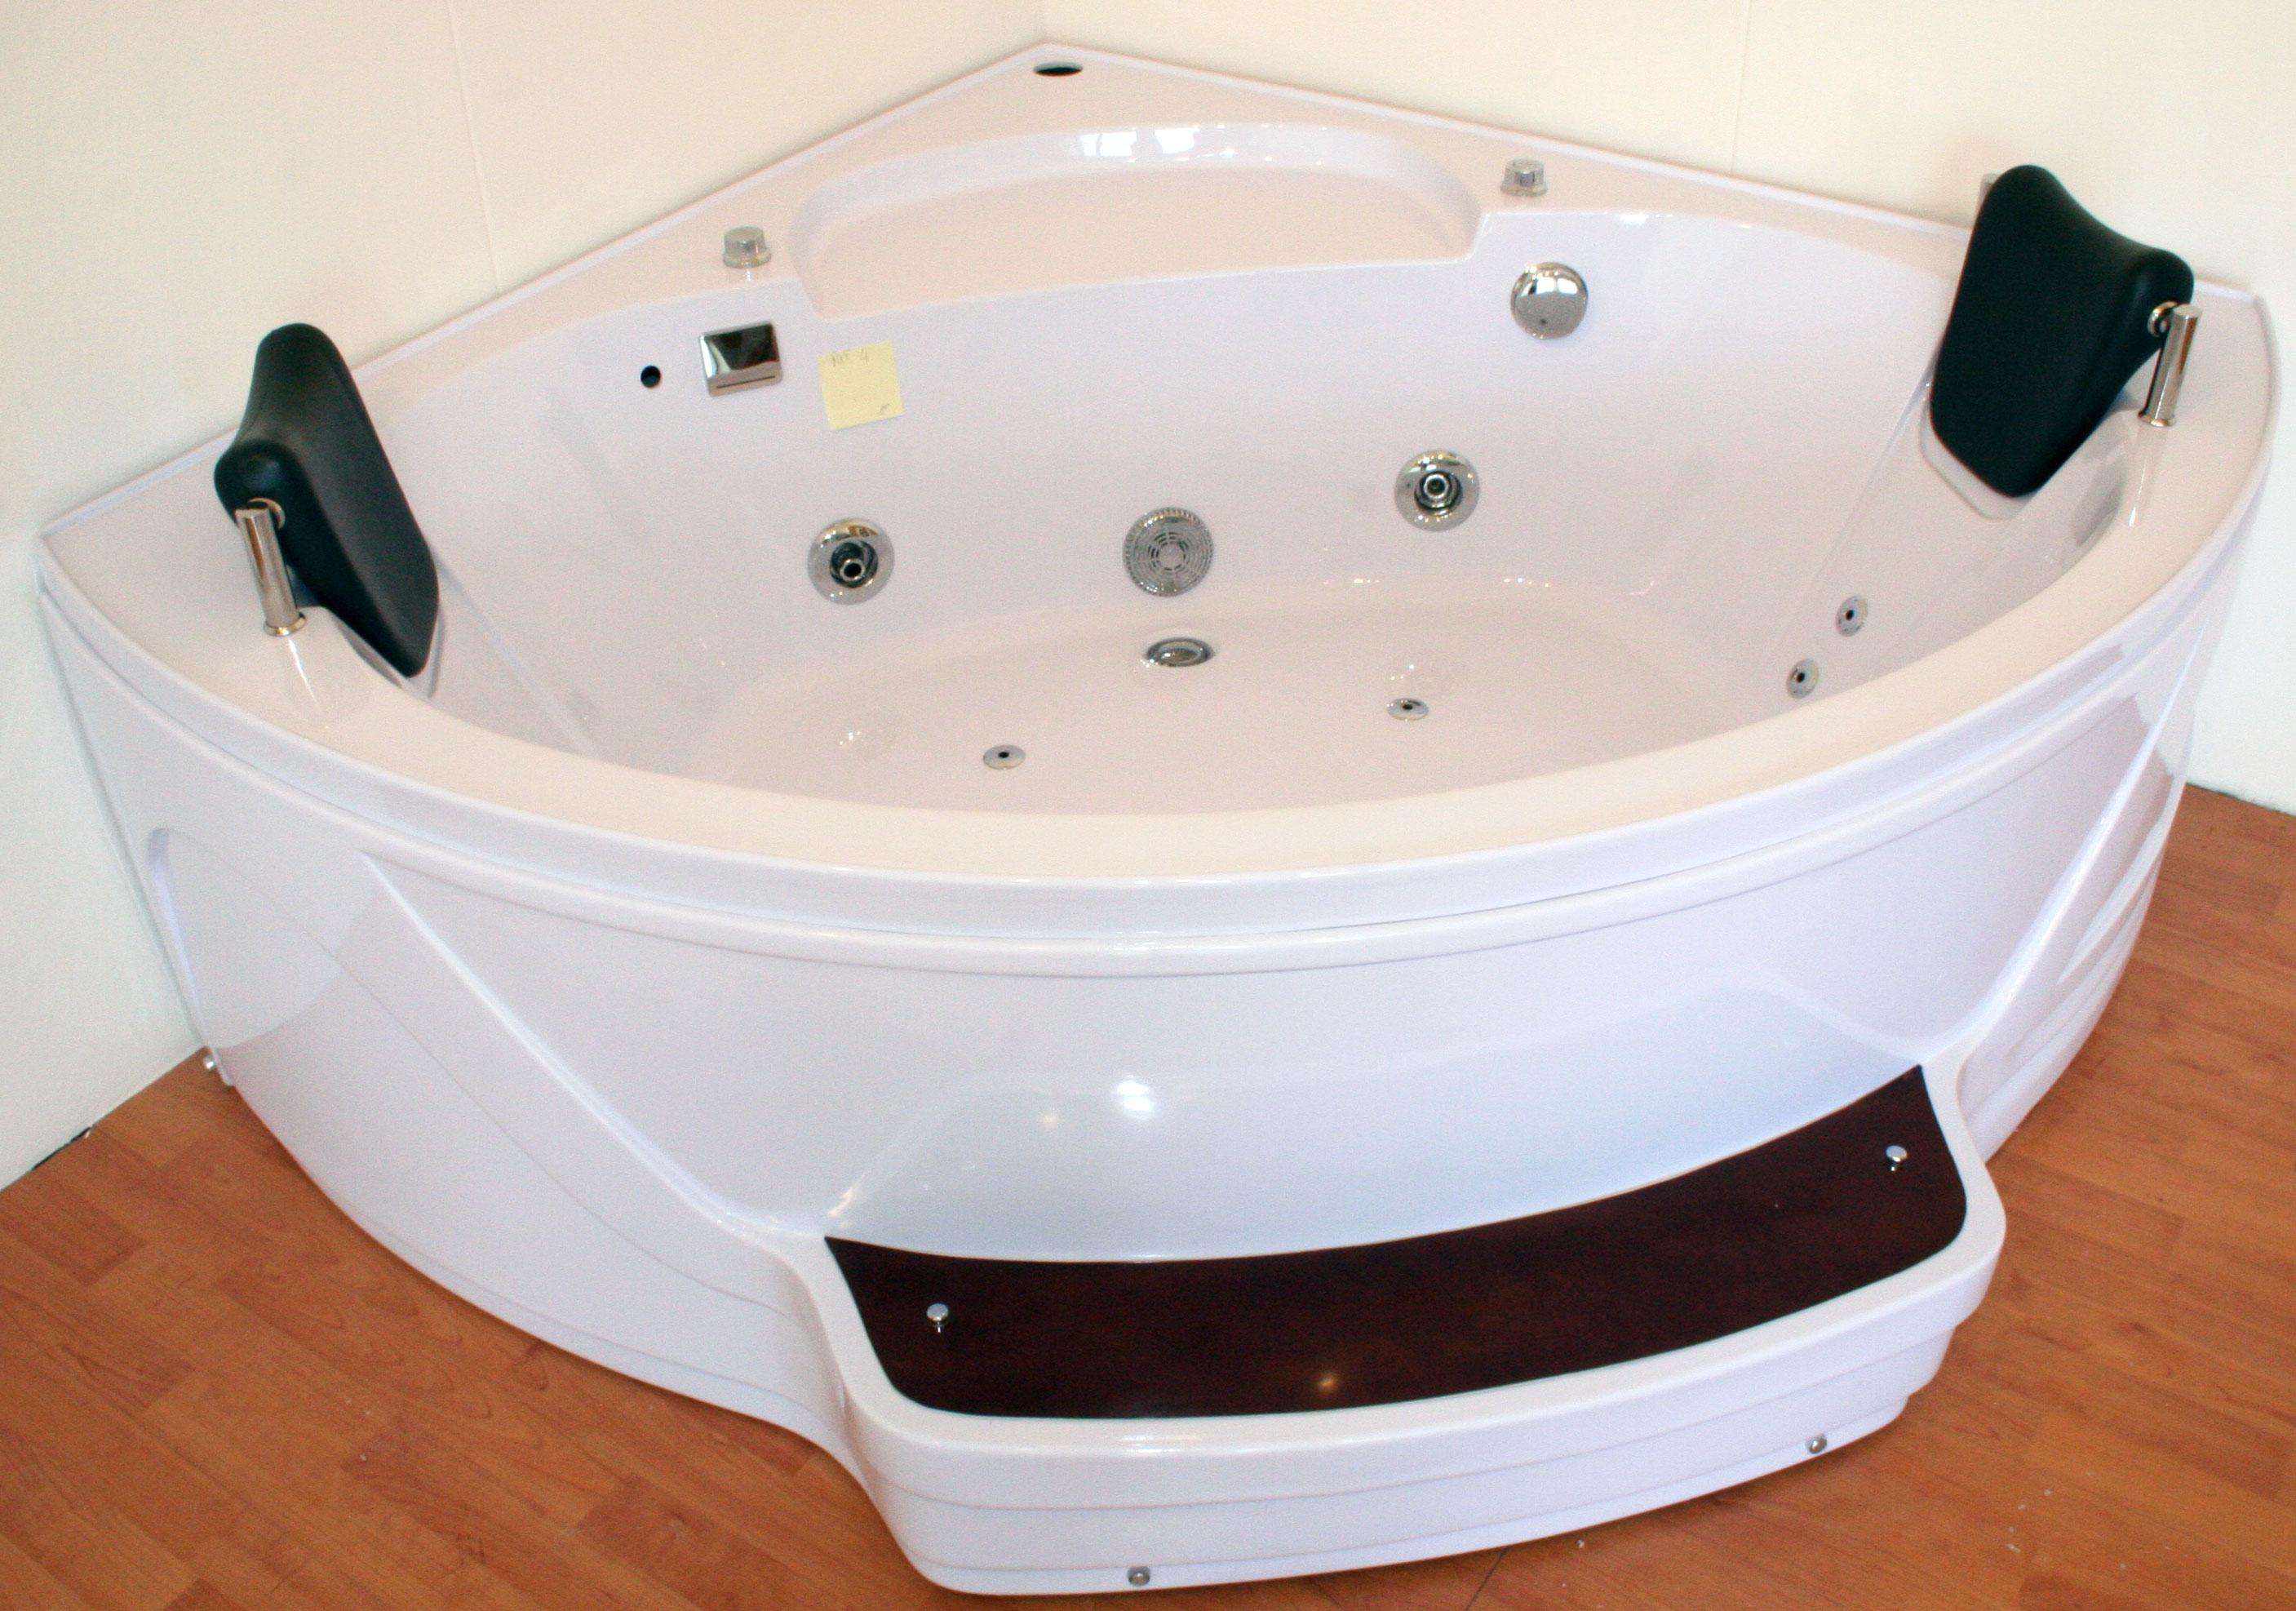 Vasca Da Bagno Angolare 80x80 : Rif 4. vasca da bagno 145x145 idromassaggio angolare blog box doccia